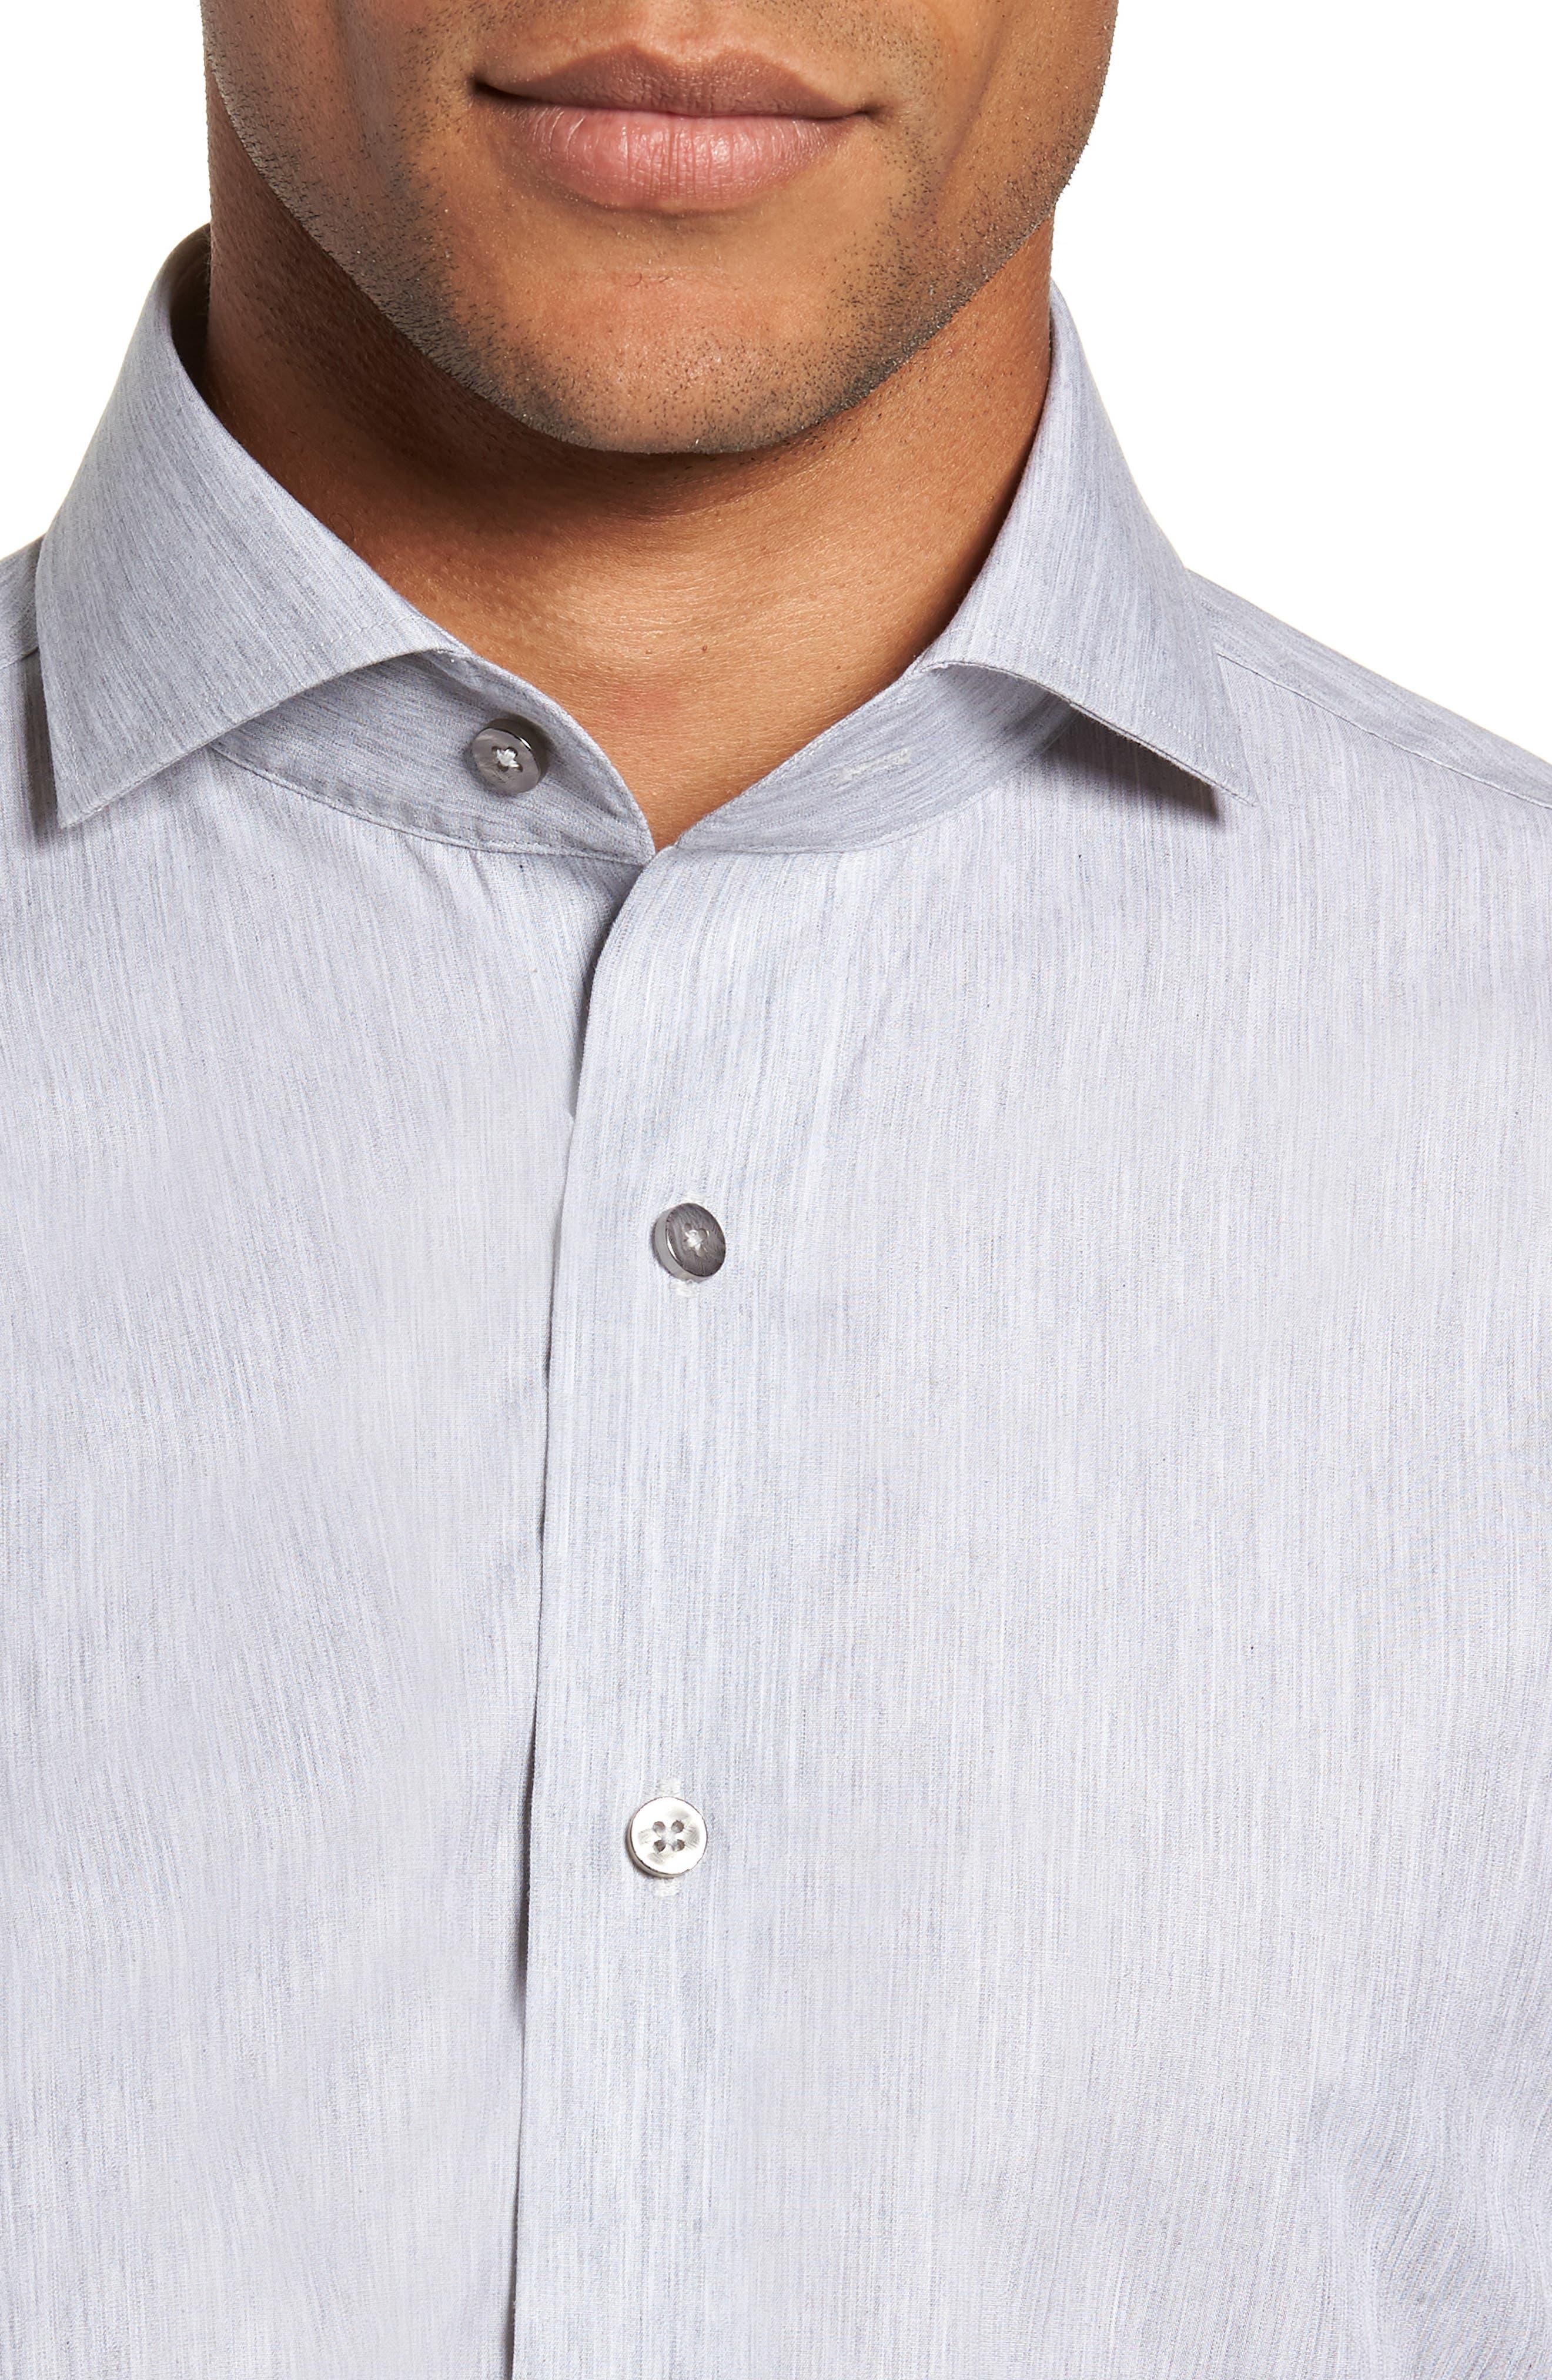 Trim Fit Solid Dress Shirt,                             Alternate thumbnail 2, color,                             050